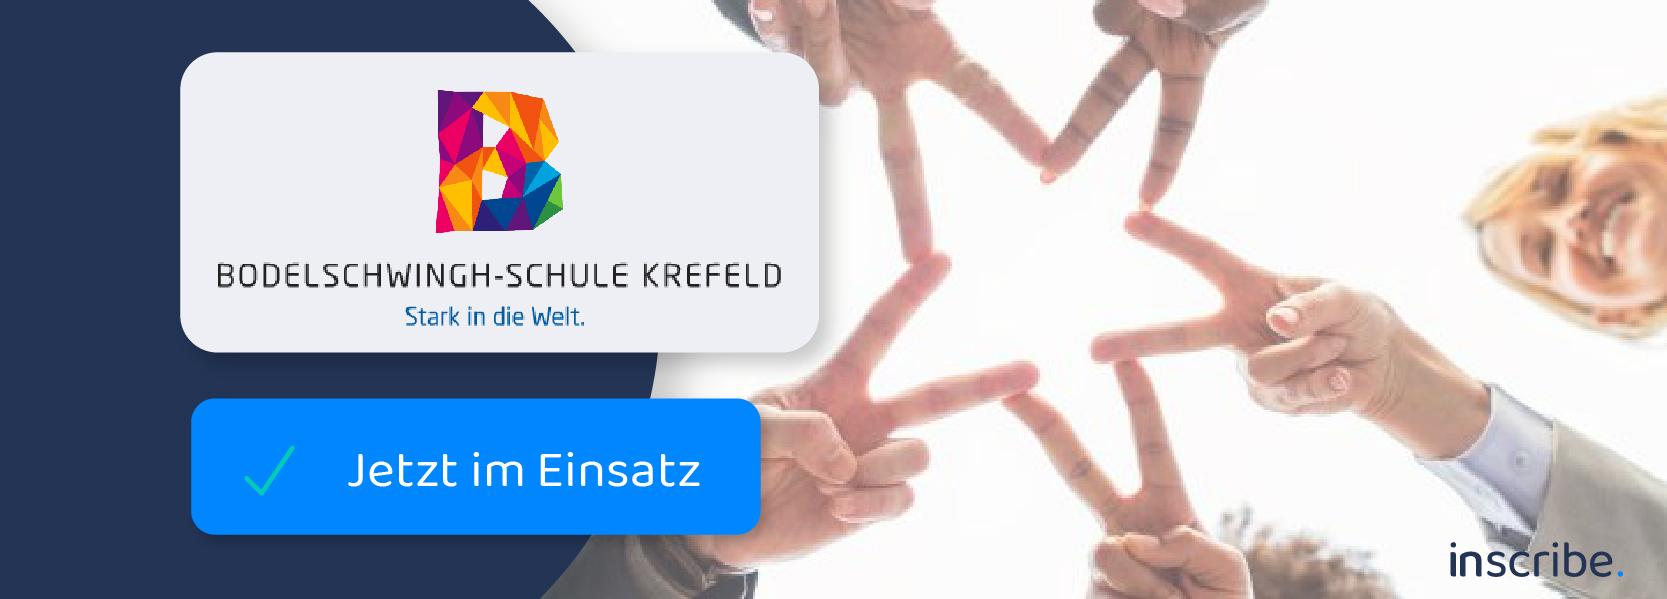 Bodelschwingh-Schule nutzt die digitale Anwesenheitsliste für die Sicherheit aller